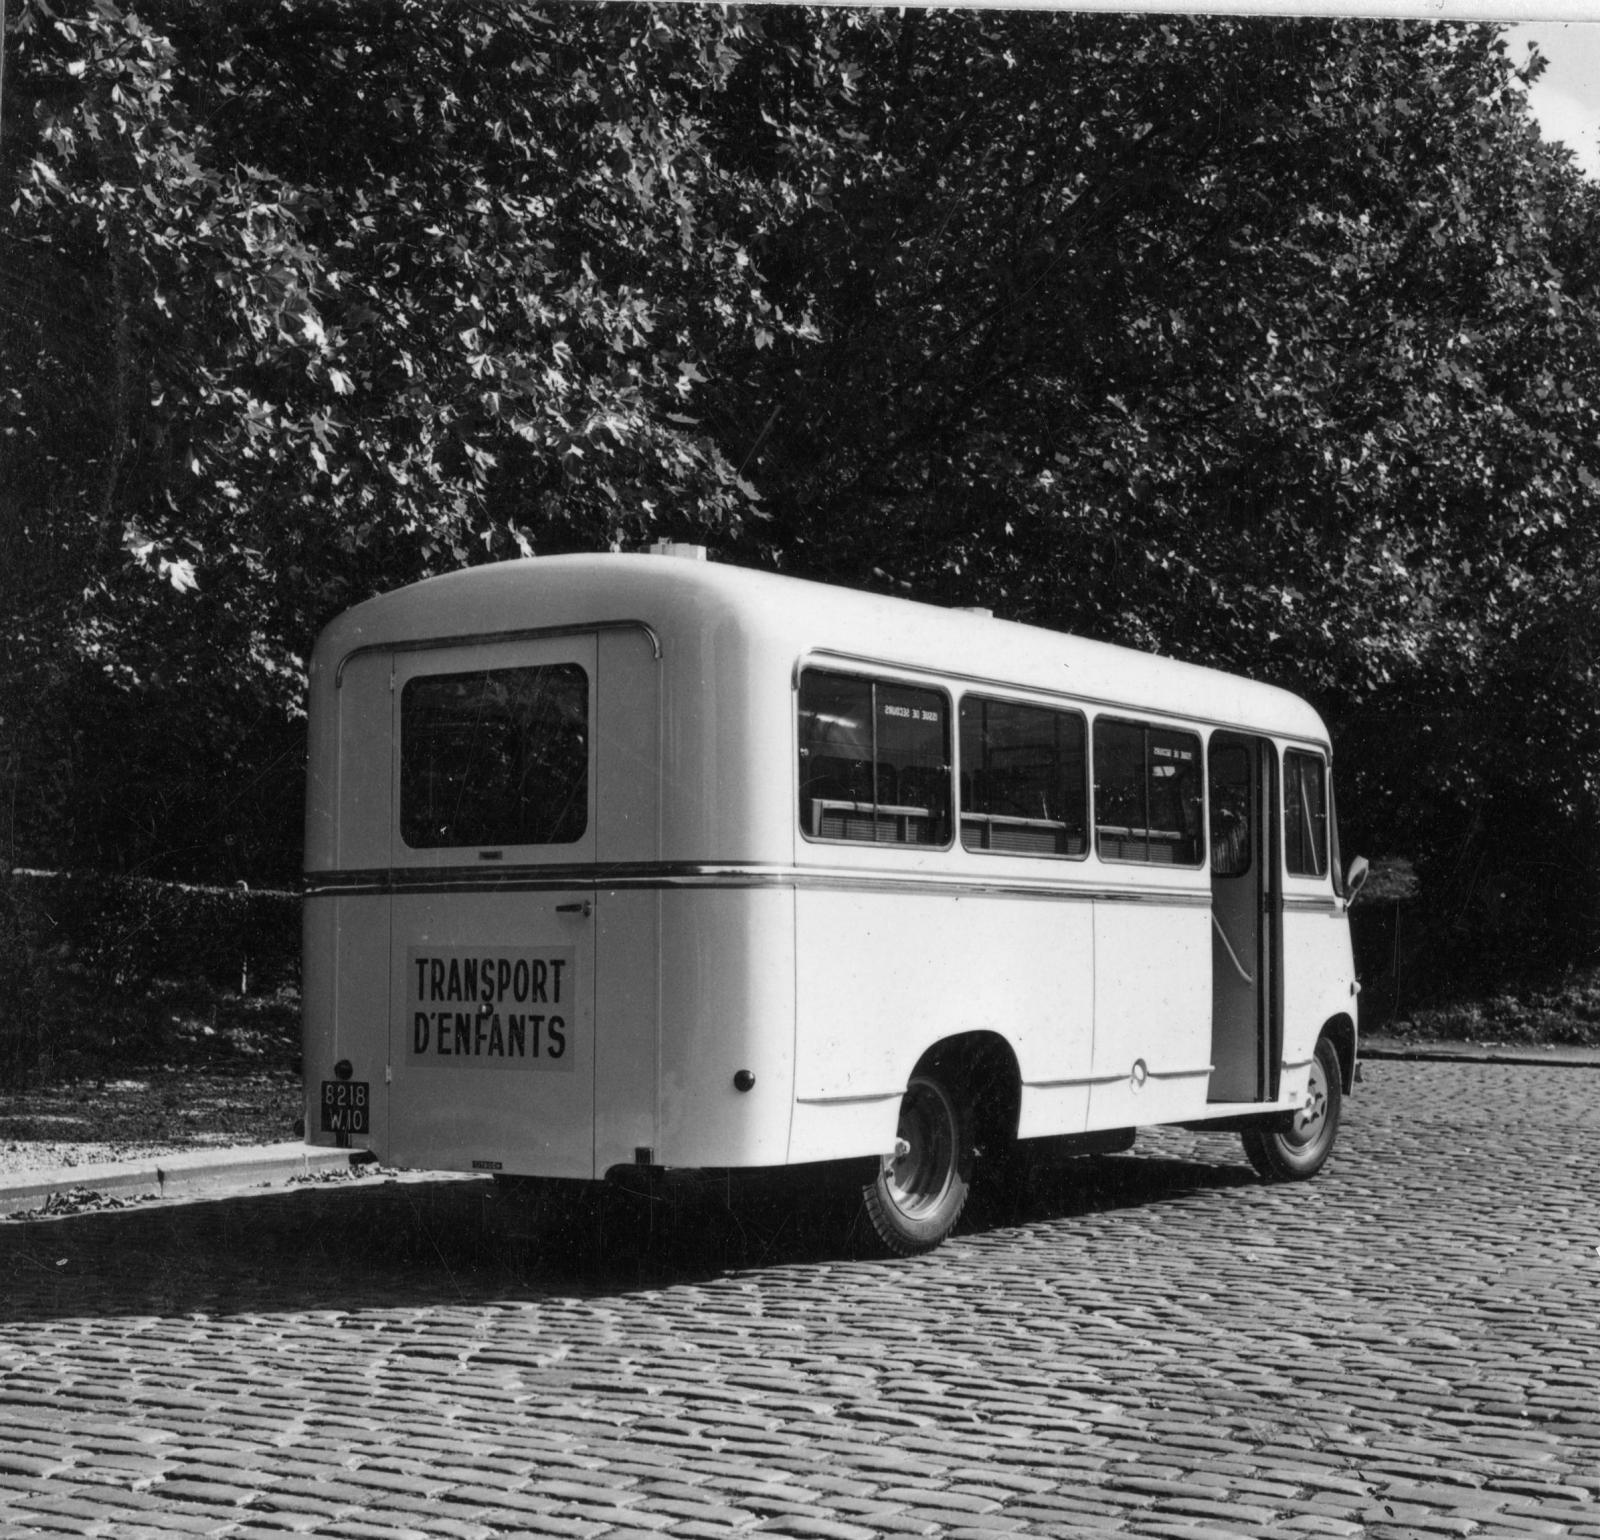 シトロエン製の子供輸送自動車